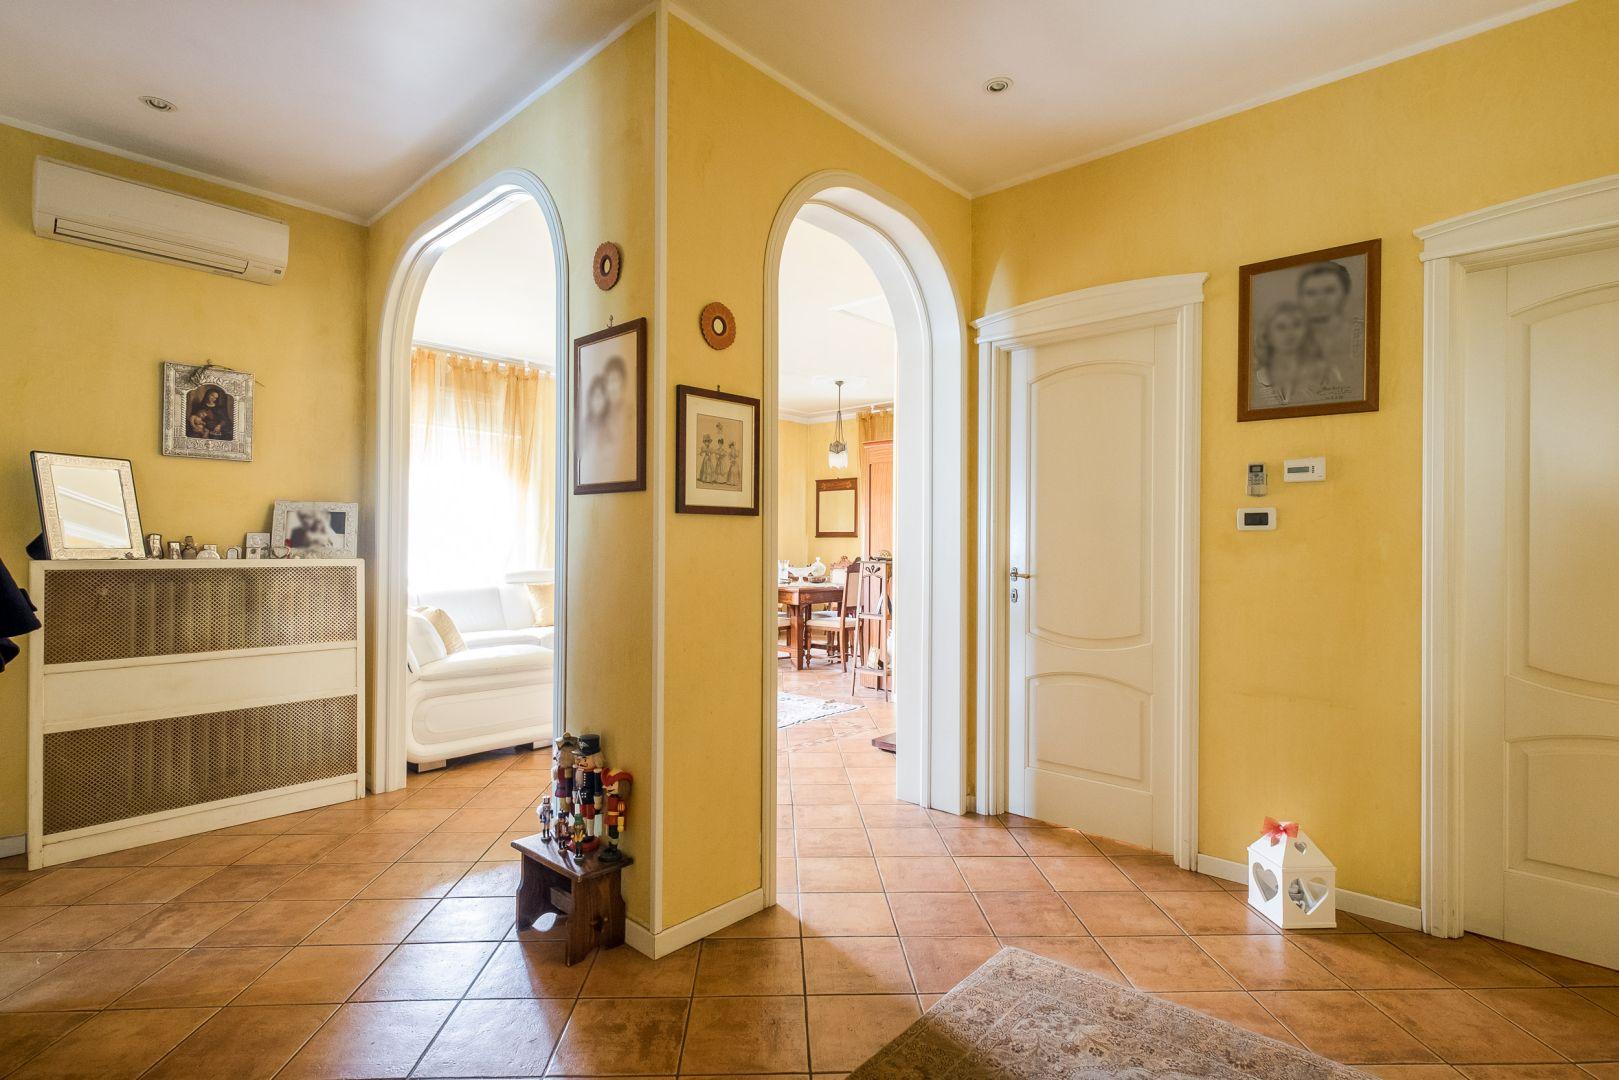 Via Pizzardi,Bologna Est,6 Rooms Rooms,Residenziale,1205